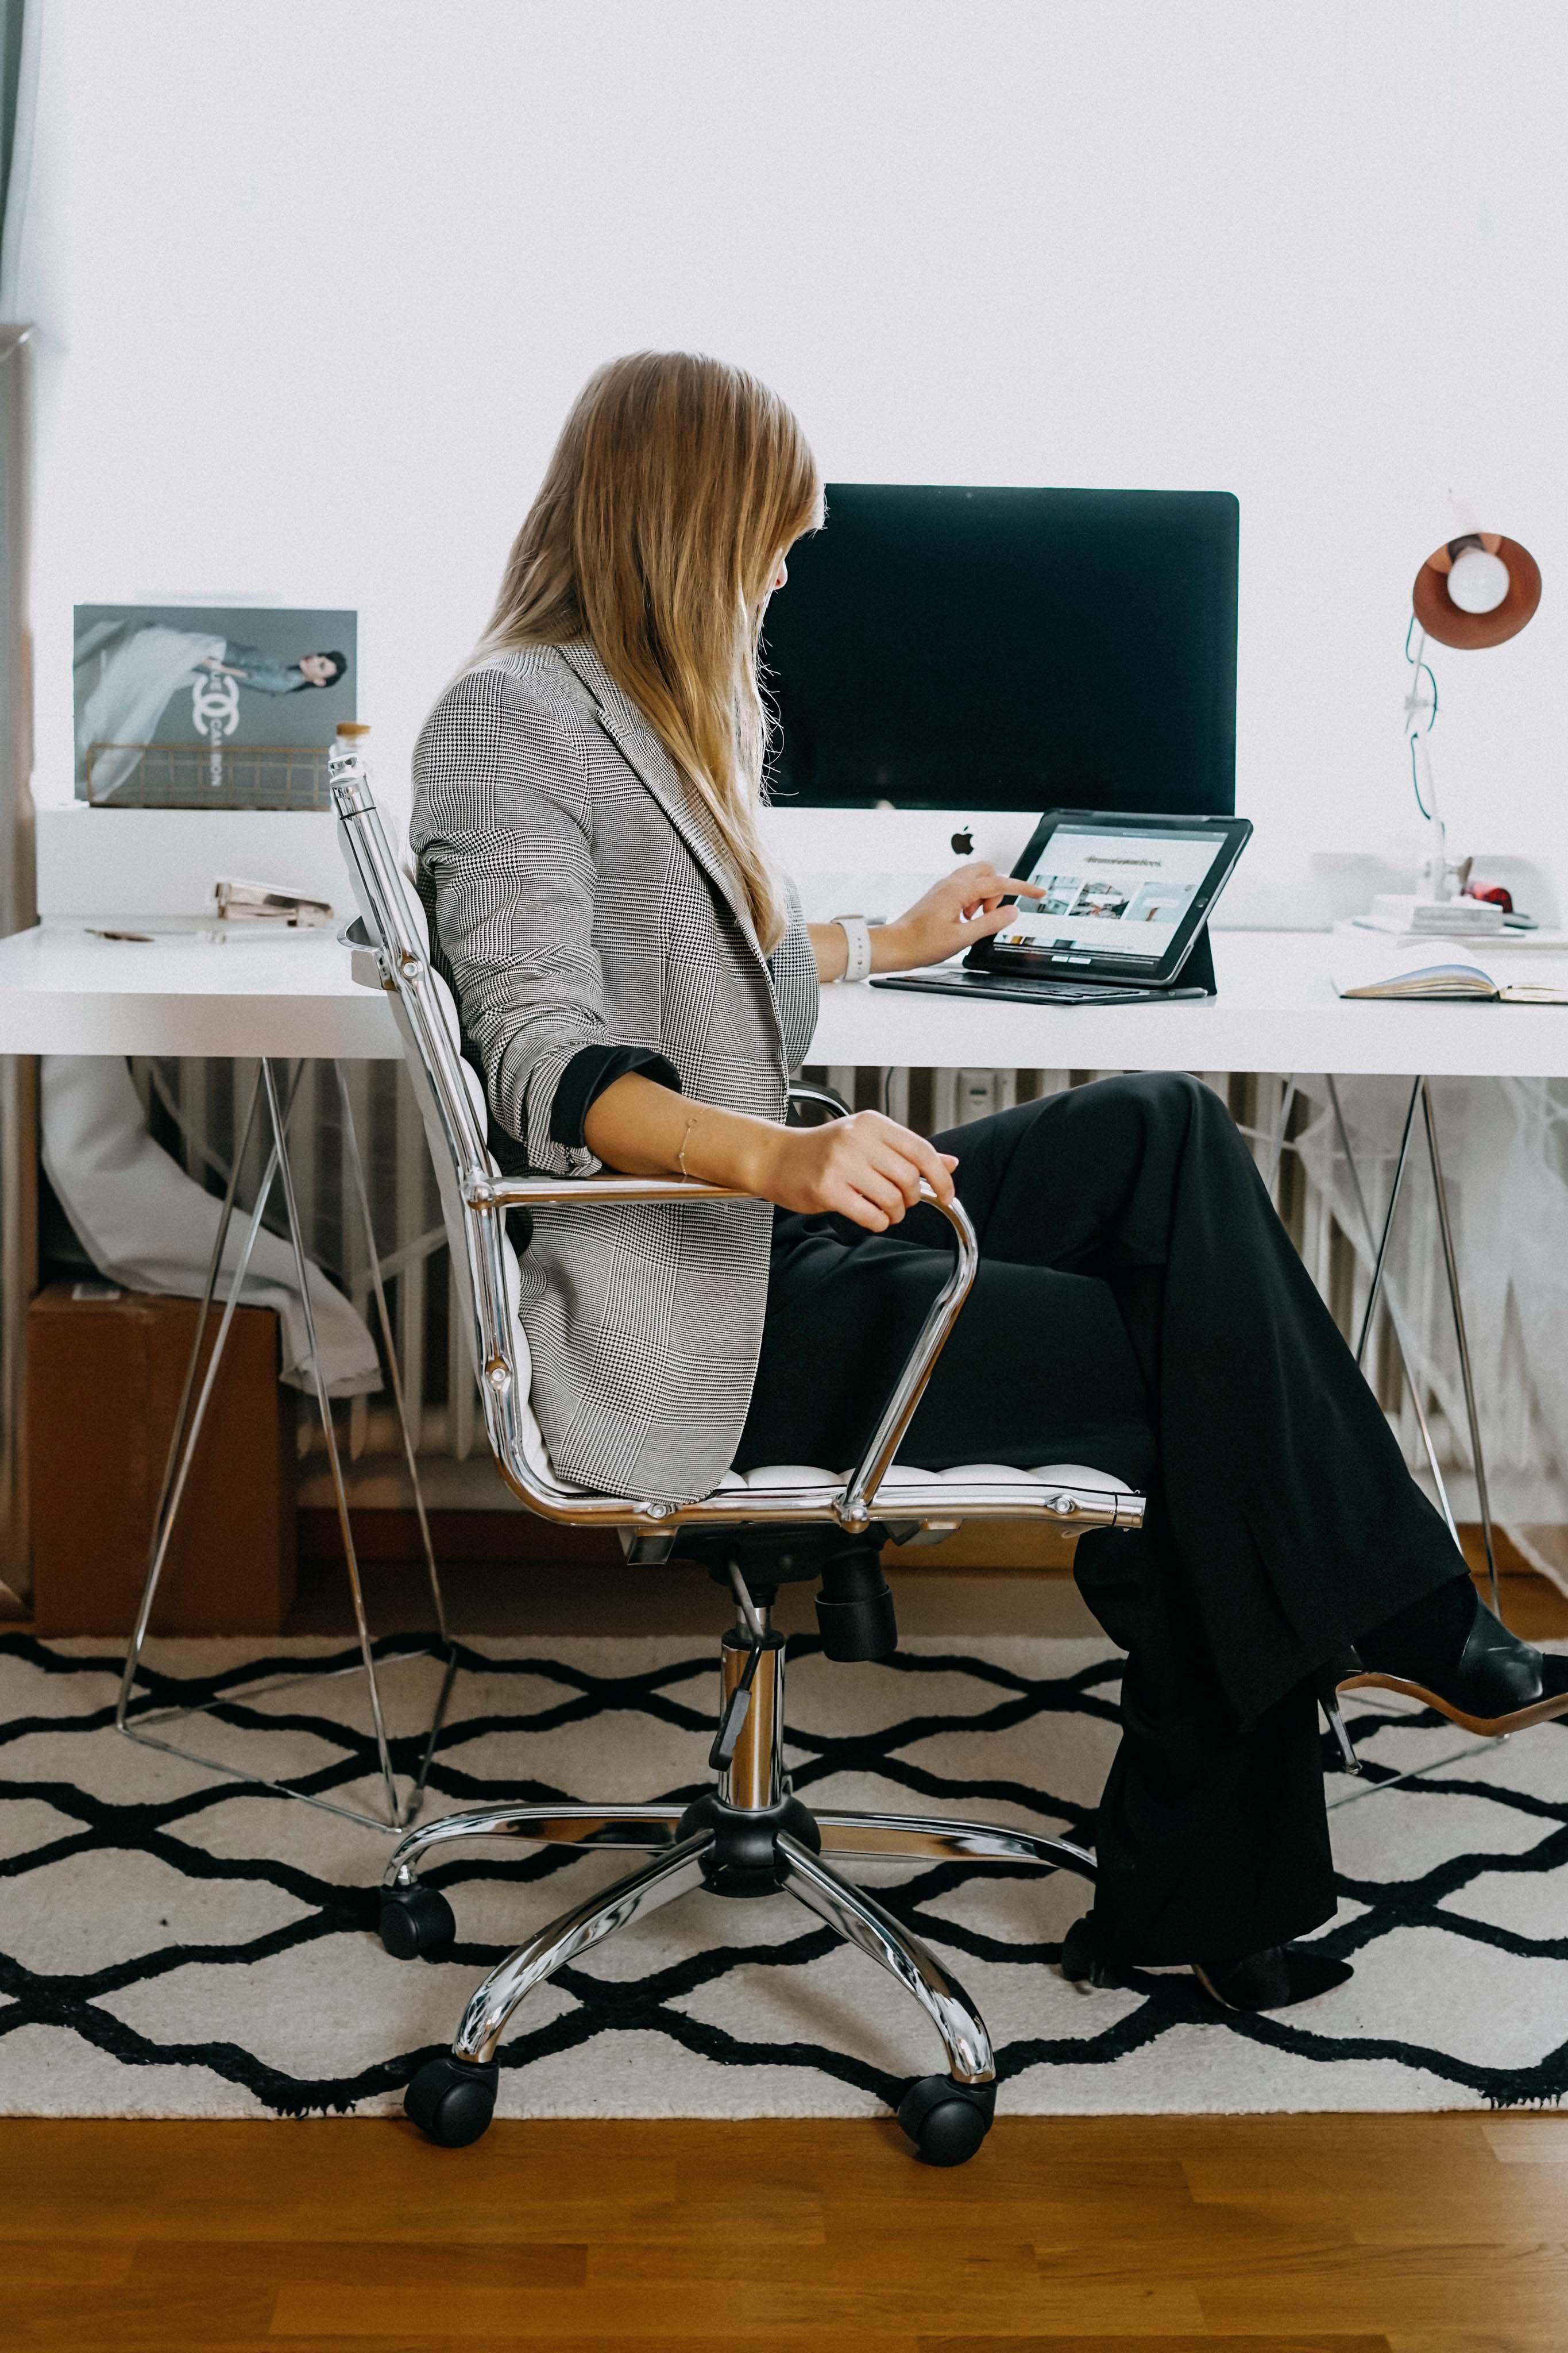 Karriere Tipp Vortrag halten Management Meetings Business Women Karrierefrau Was beachten Vortrag Regeln 3-2